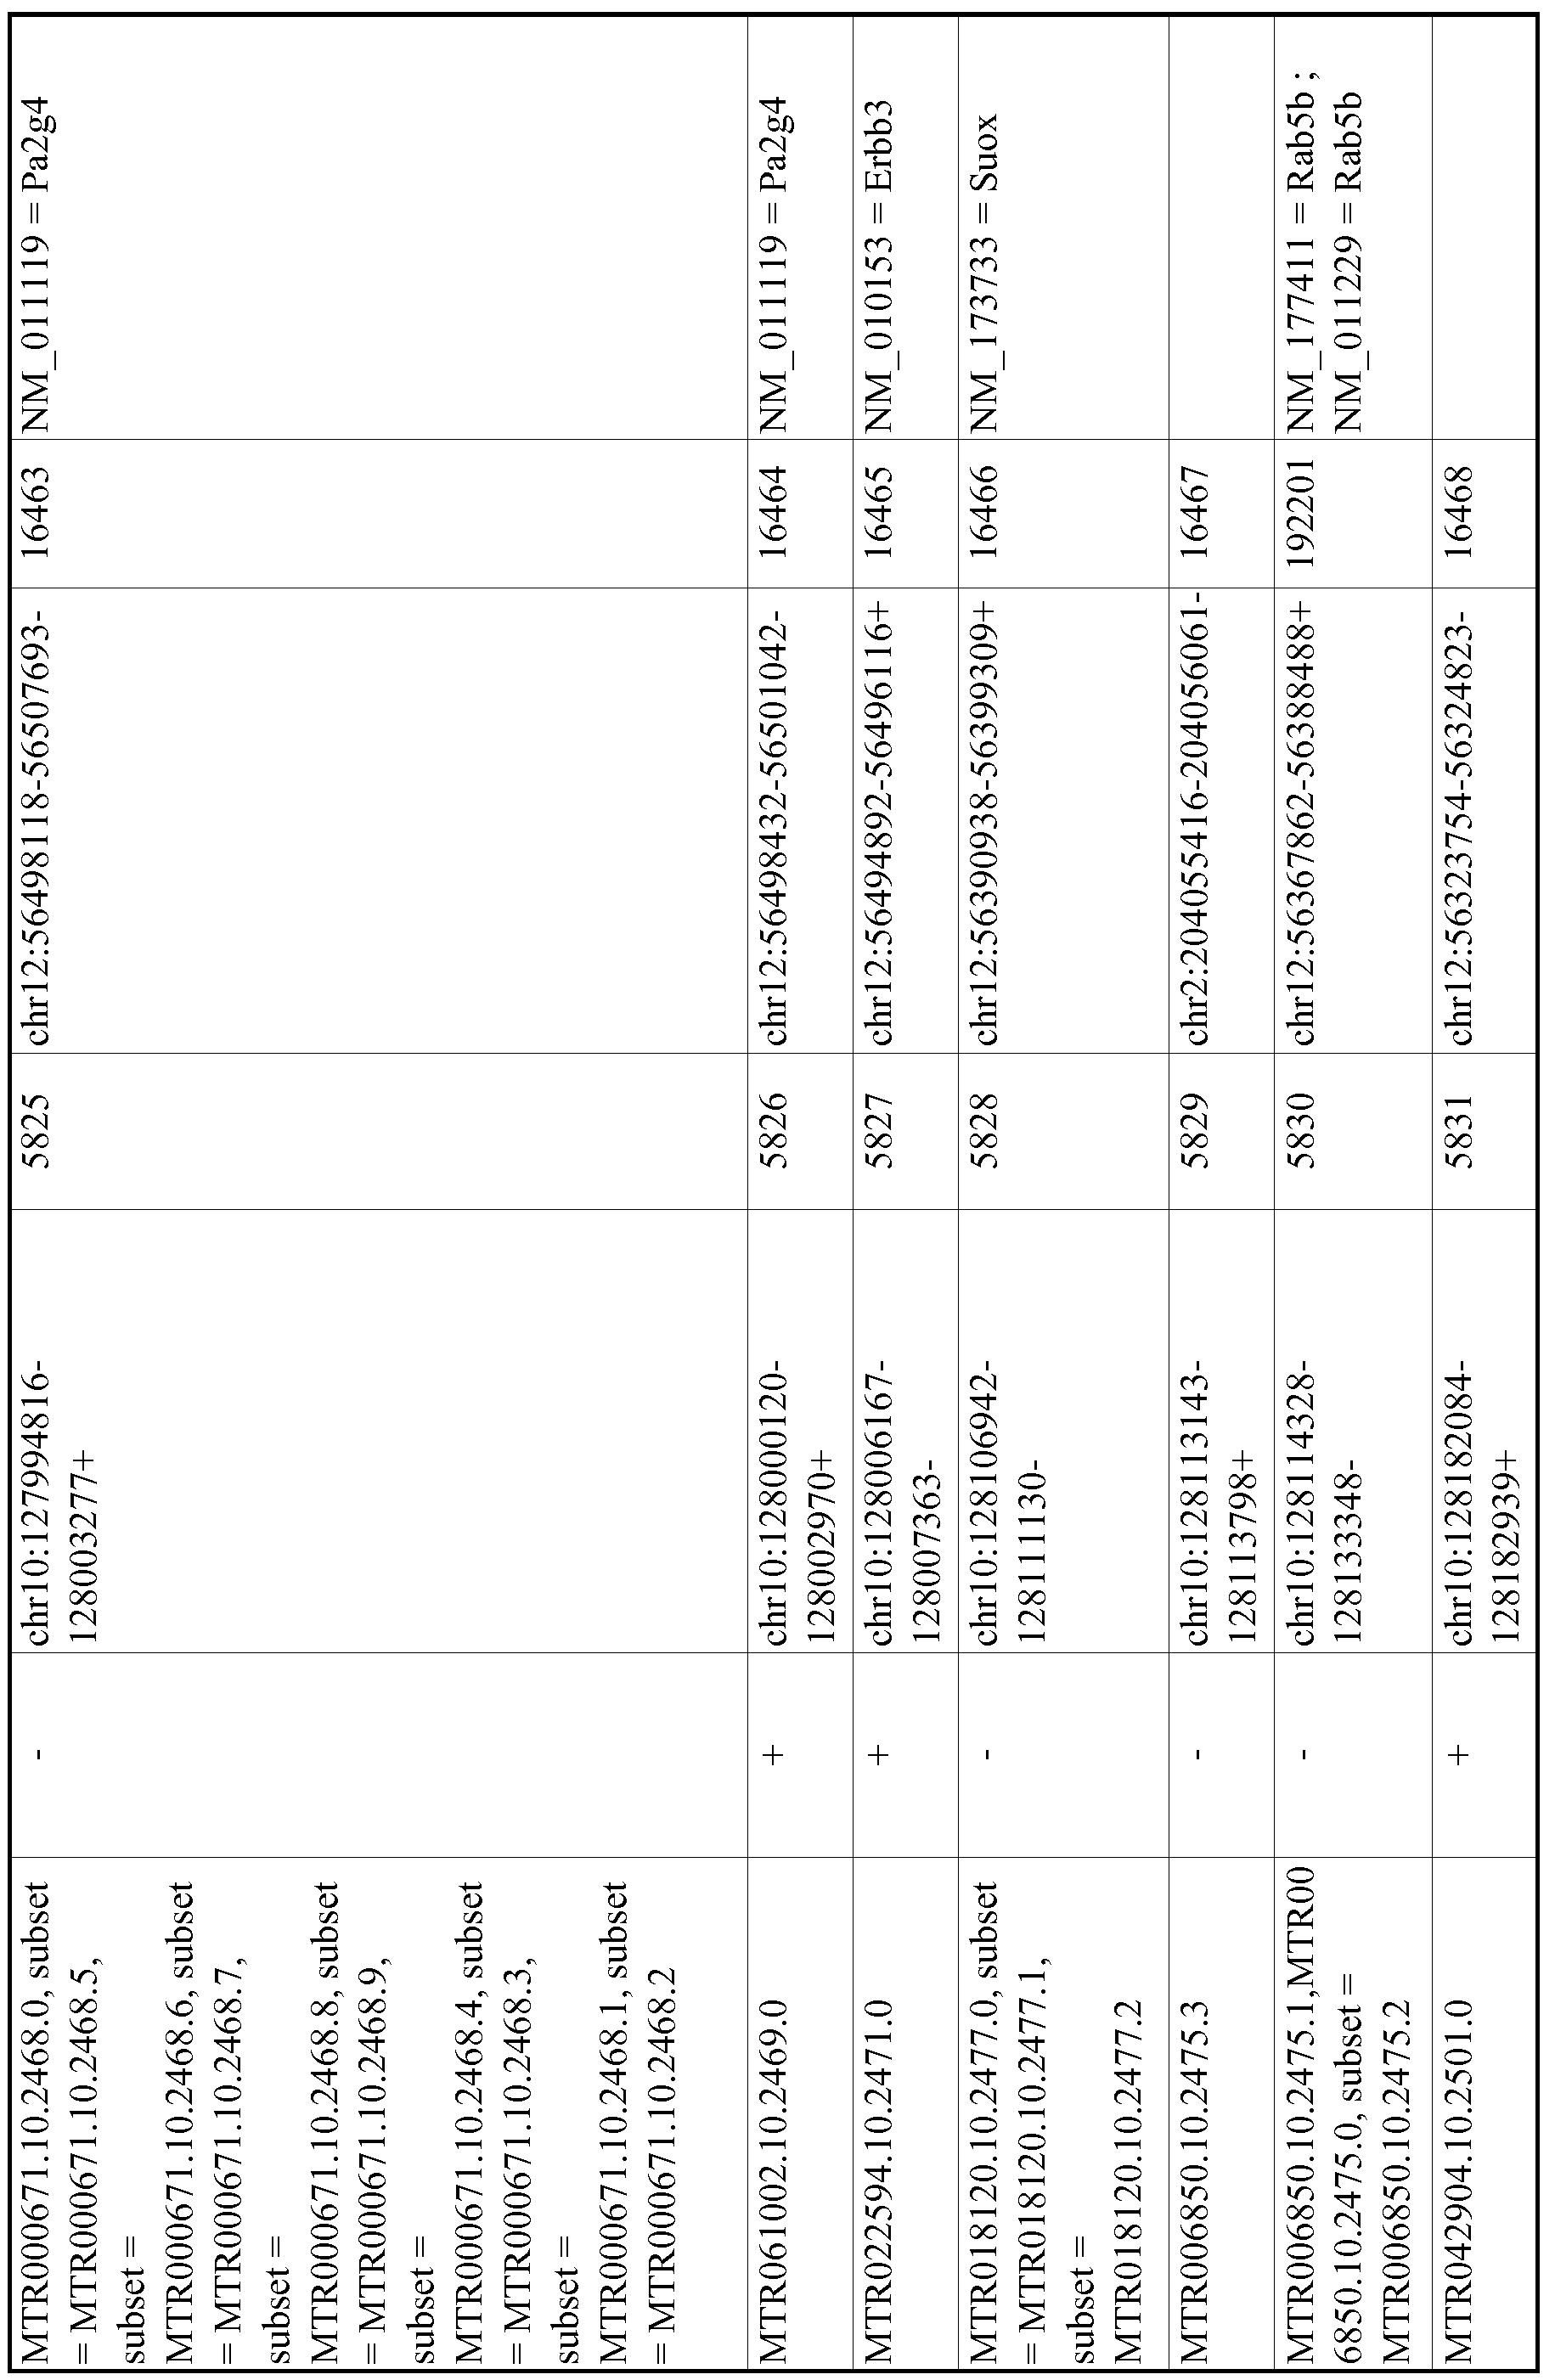 Figure imgf001053_0001